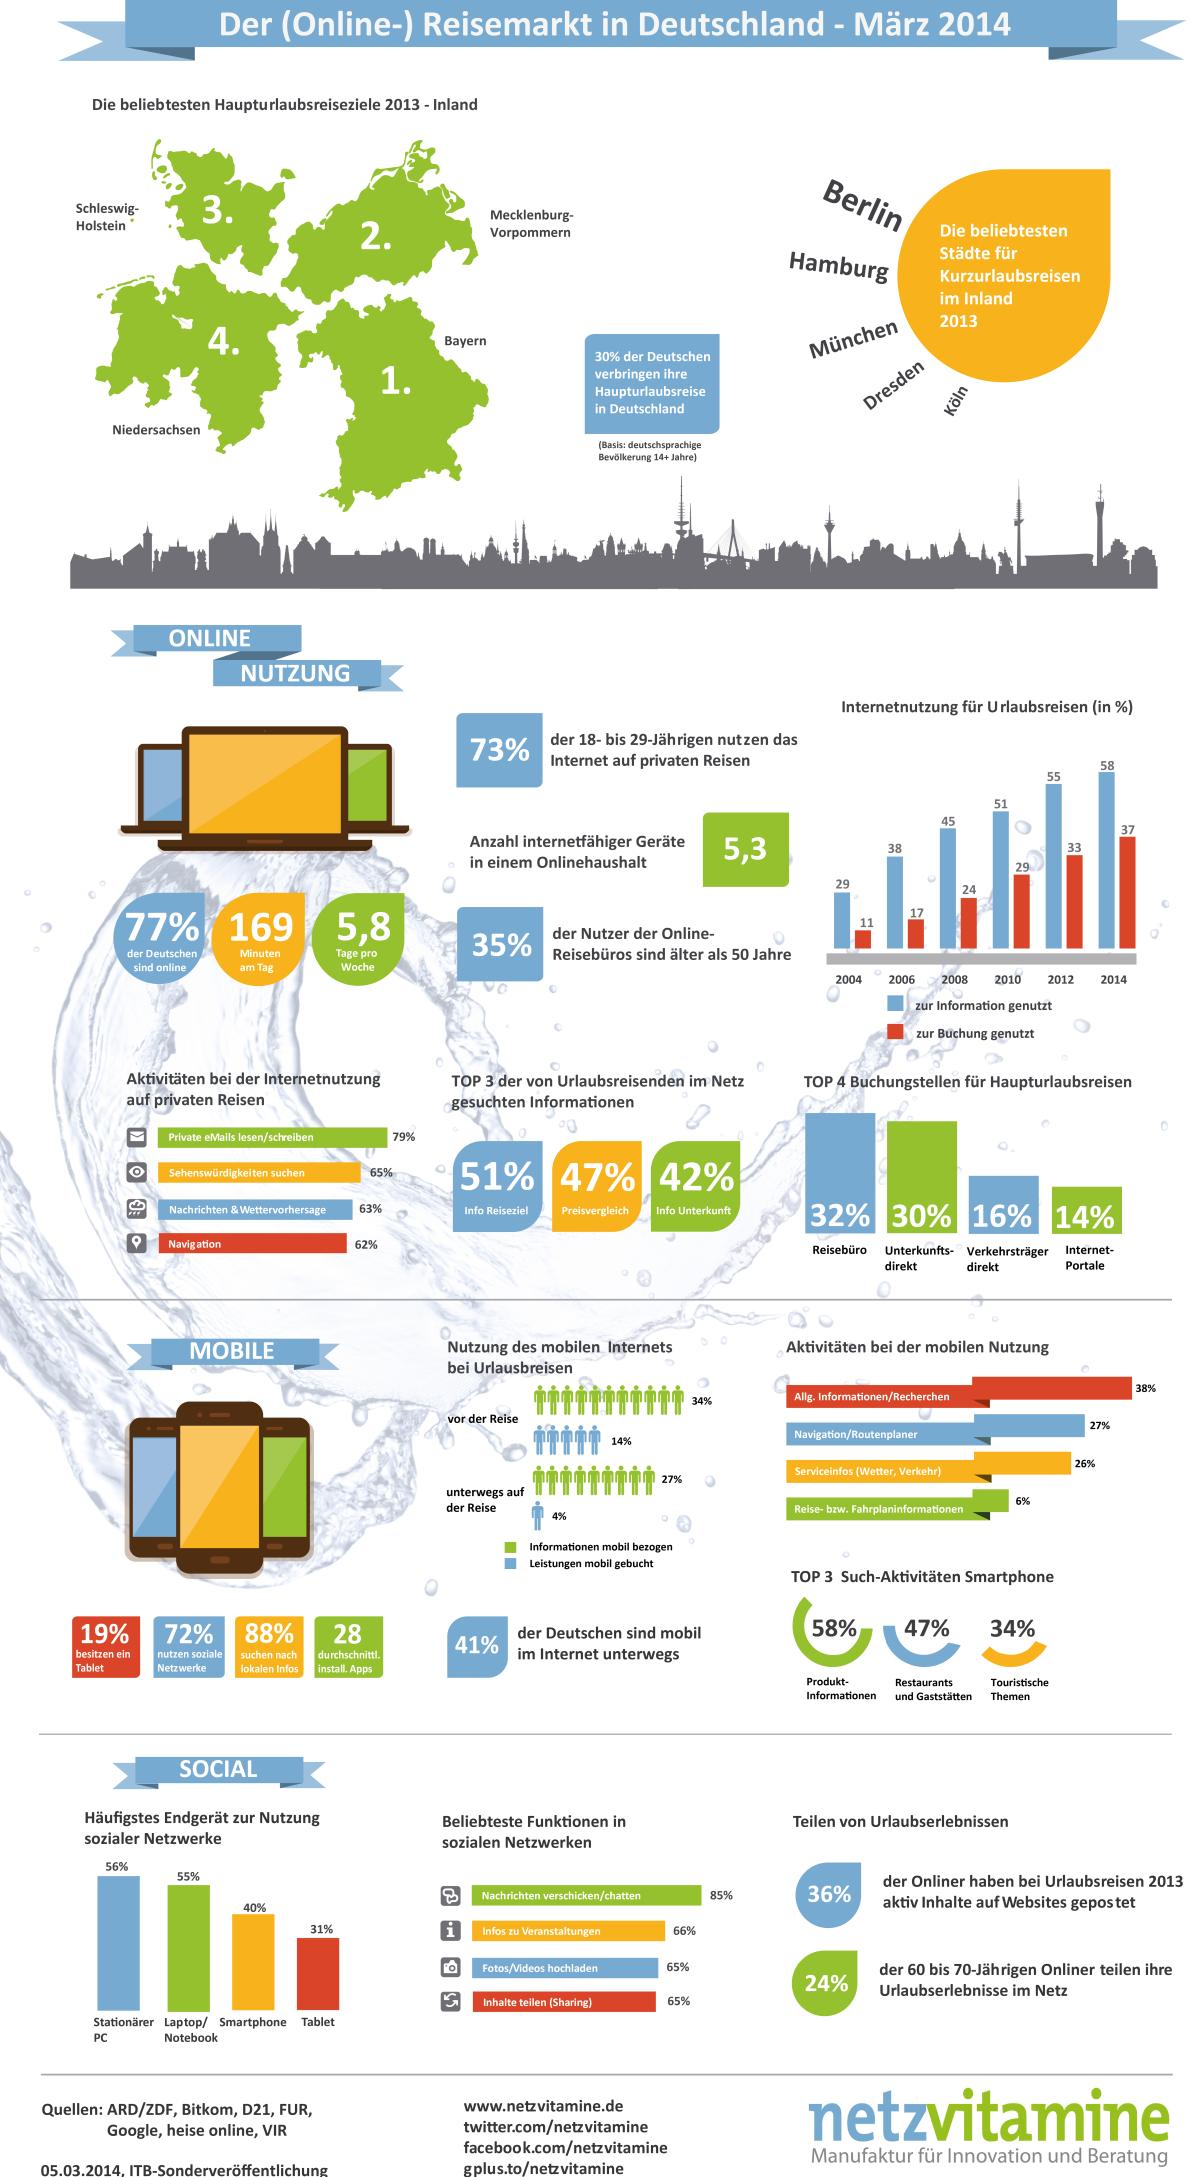 Infografik: Der deutsche (Online-) Reisemarkt im März 2014